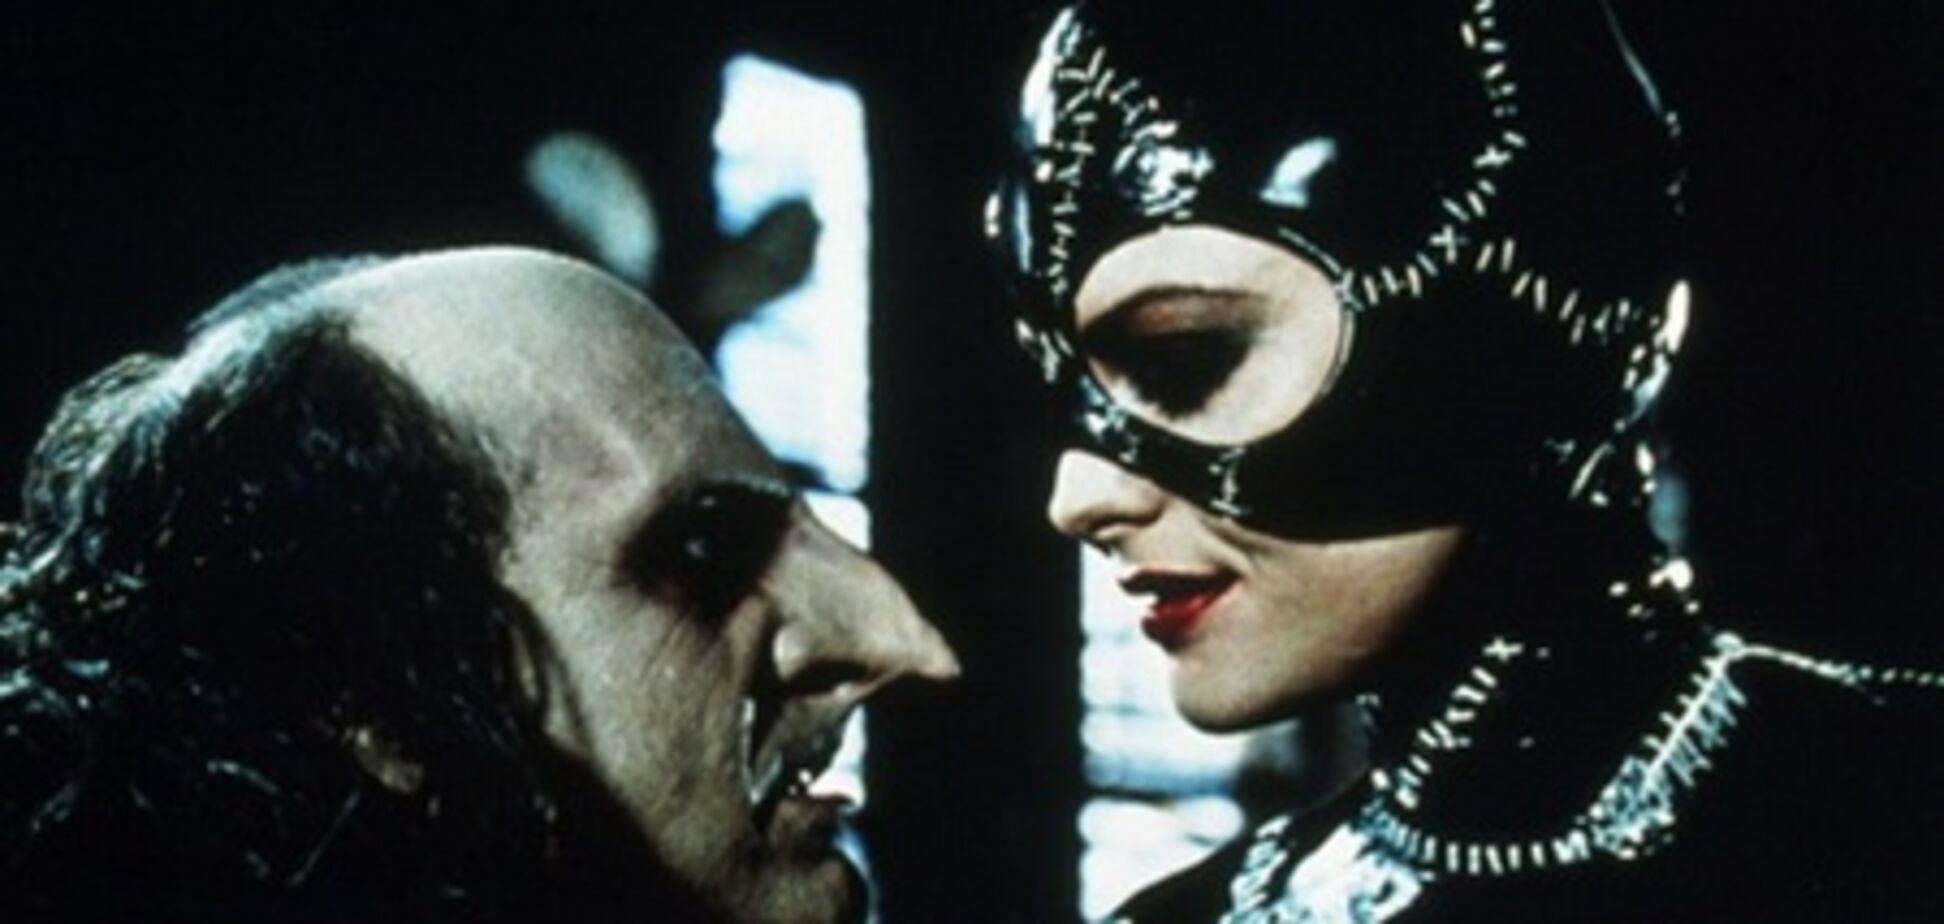 Тим Бартон сравнил своих «Бэтменов» с «Бэтменами» Нолана